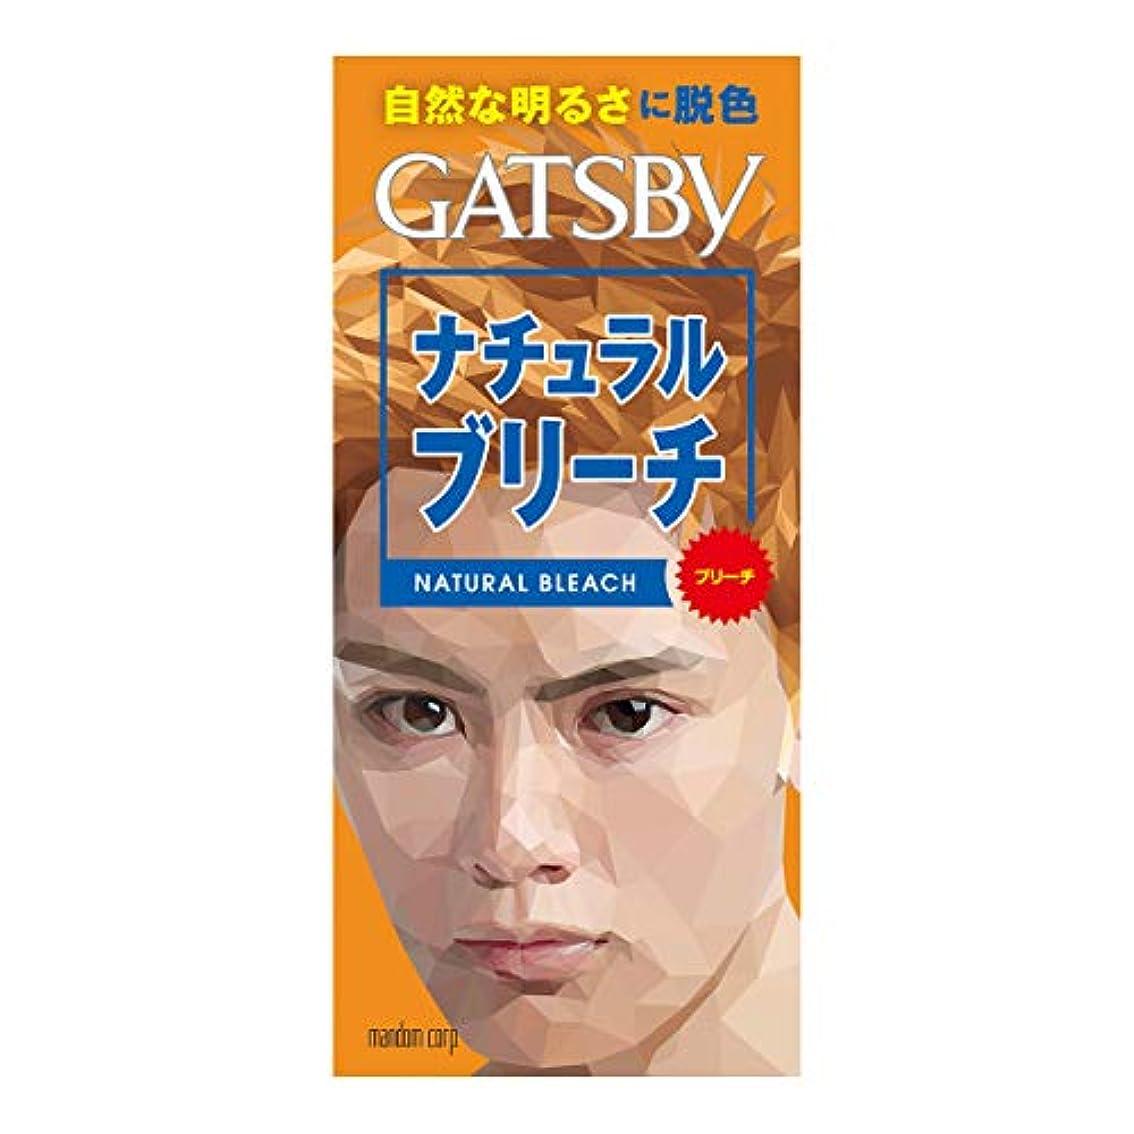 鷲韓国人事ギャツビー ナチュラルブリーチ 【HTRC5.1】